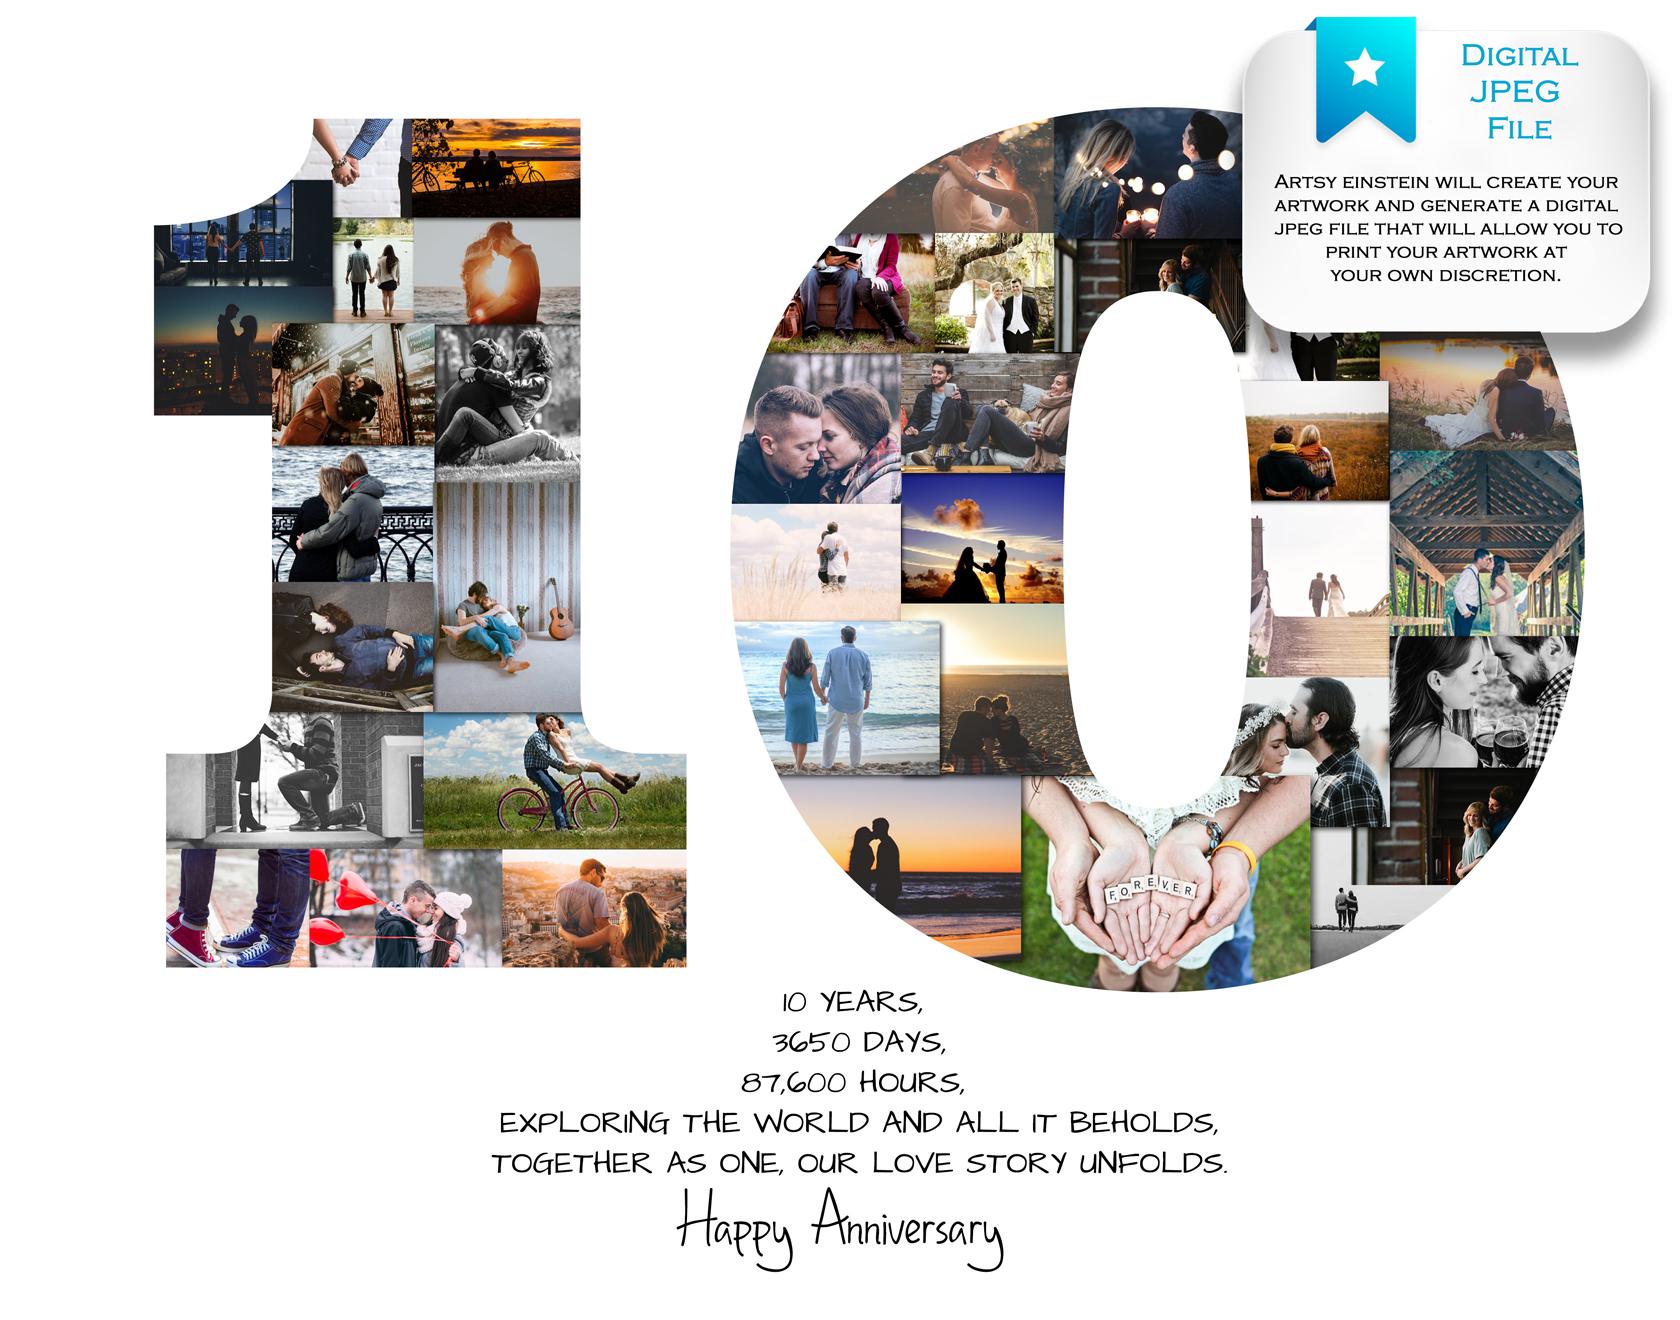 cb7c653243c 10th Anniversary Photo Collage – 10th Birthday Collage – Milestone  Anniversary Collage